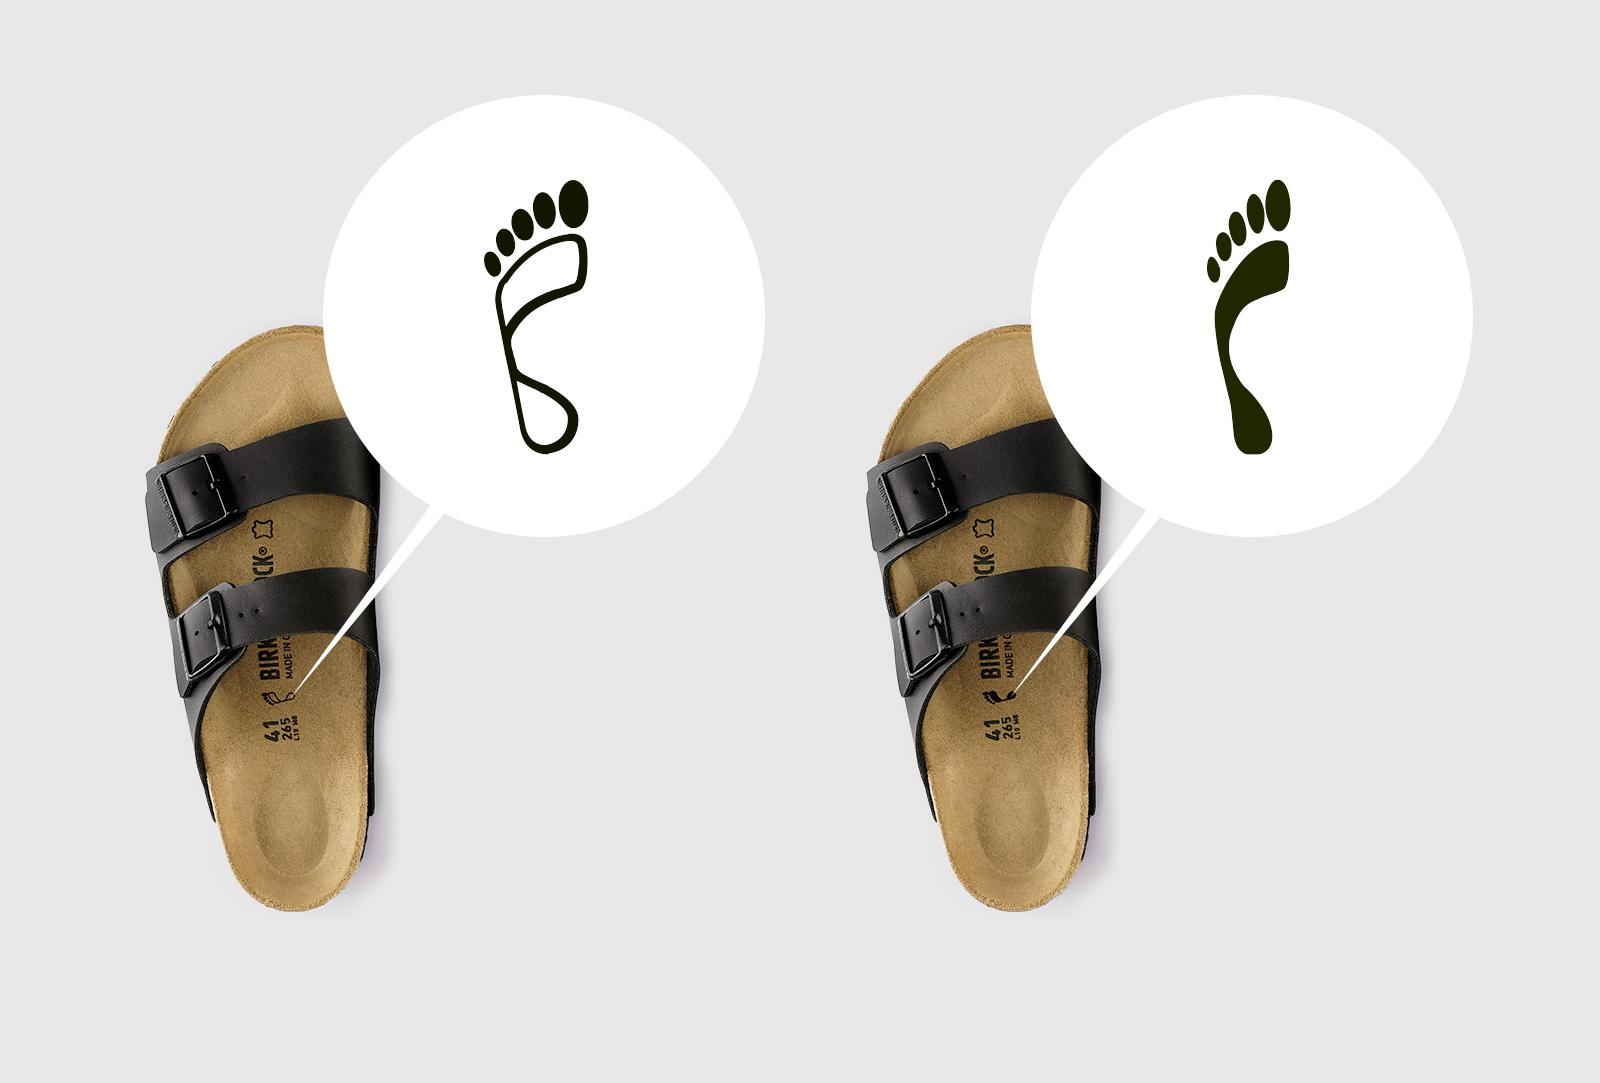 Fit Guide | shop online at BIRKENSTOCK